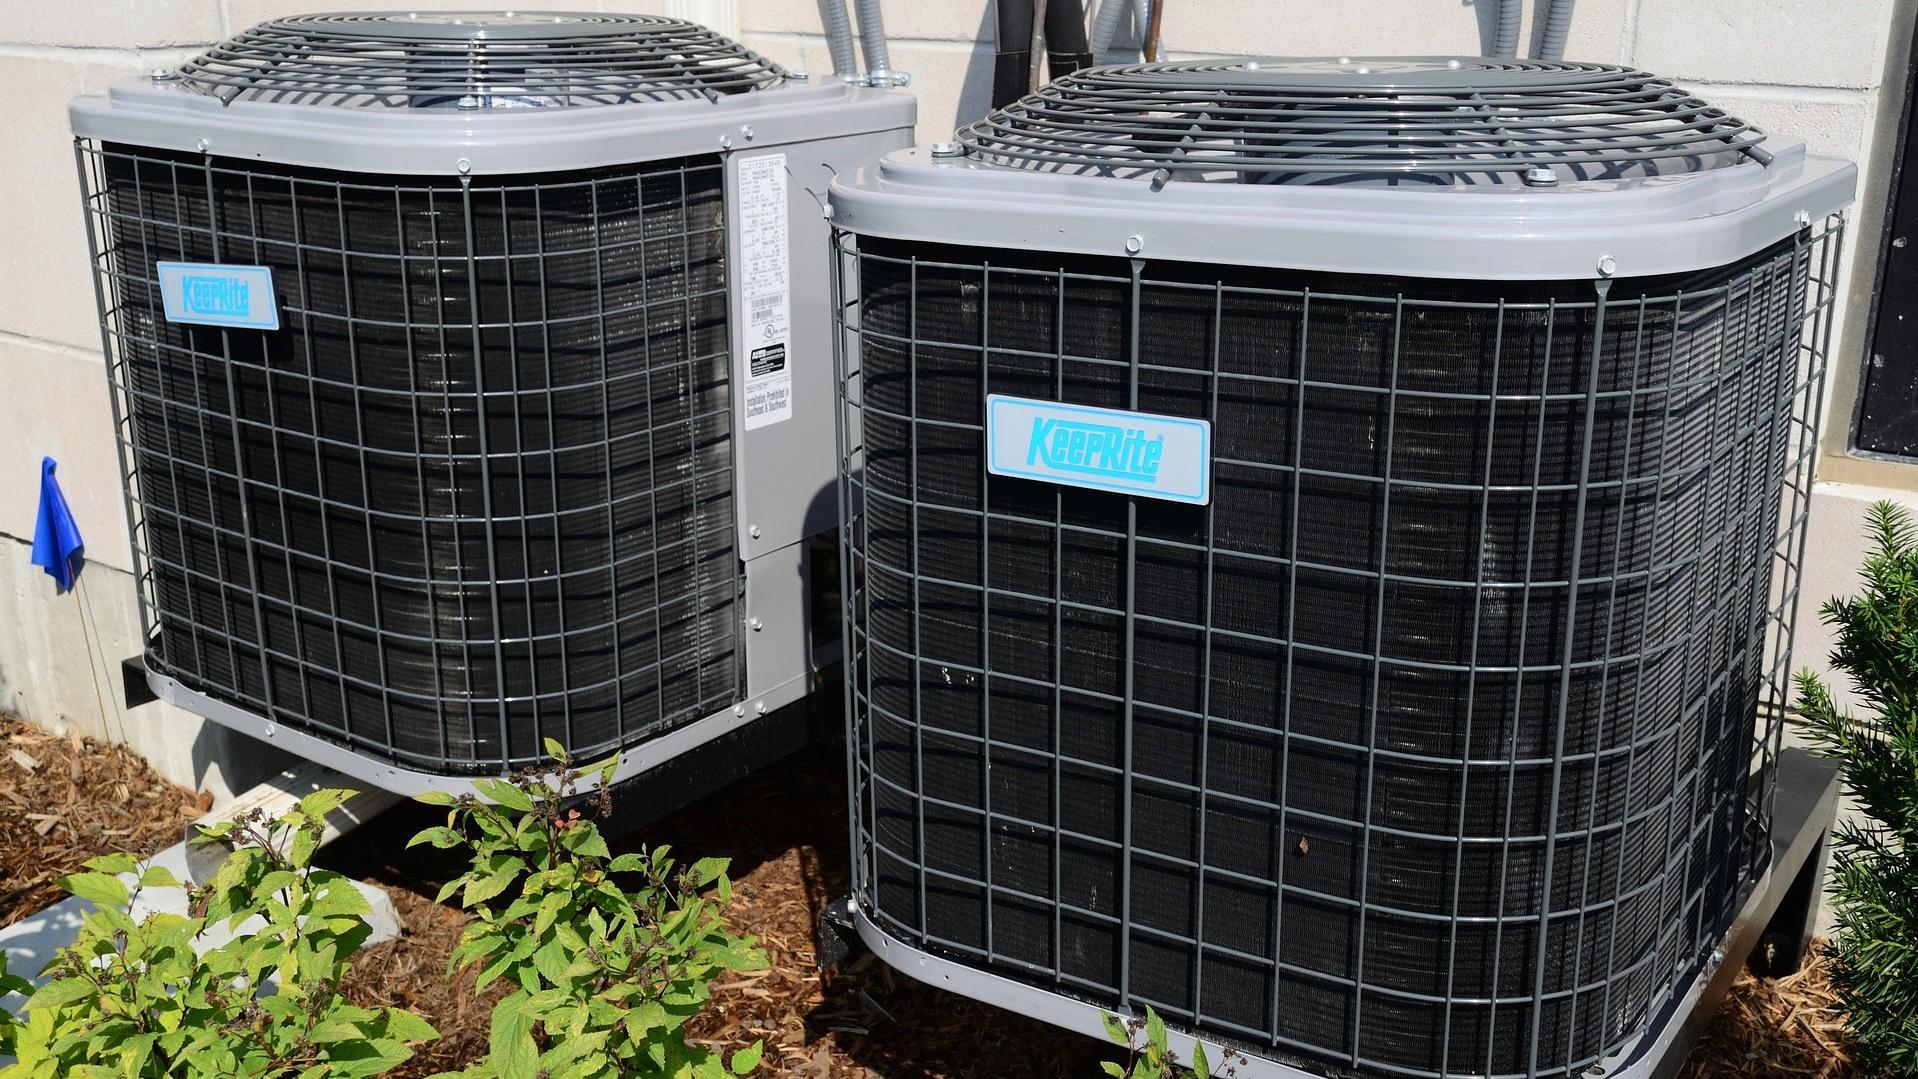 Klimaanlage-Außengerät: So viel Lautstärke ist erlaubt